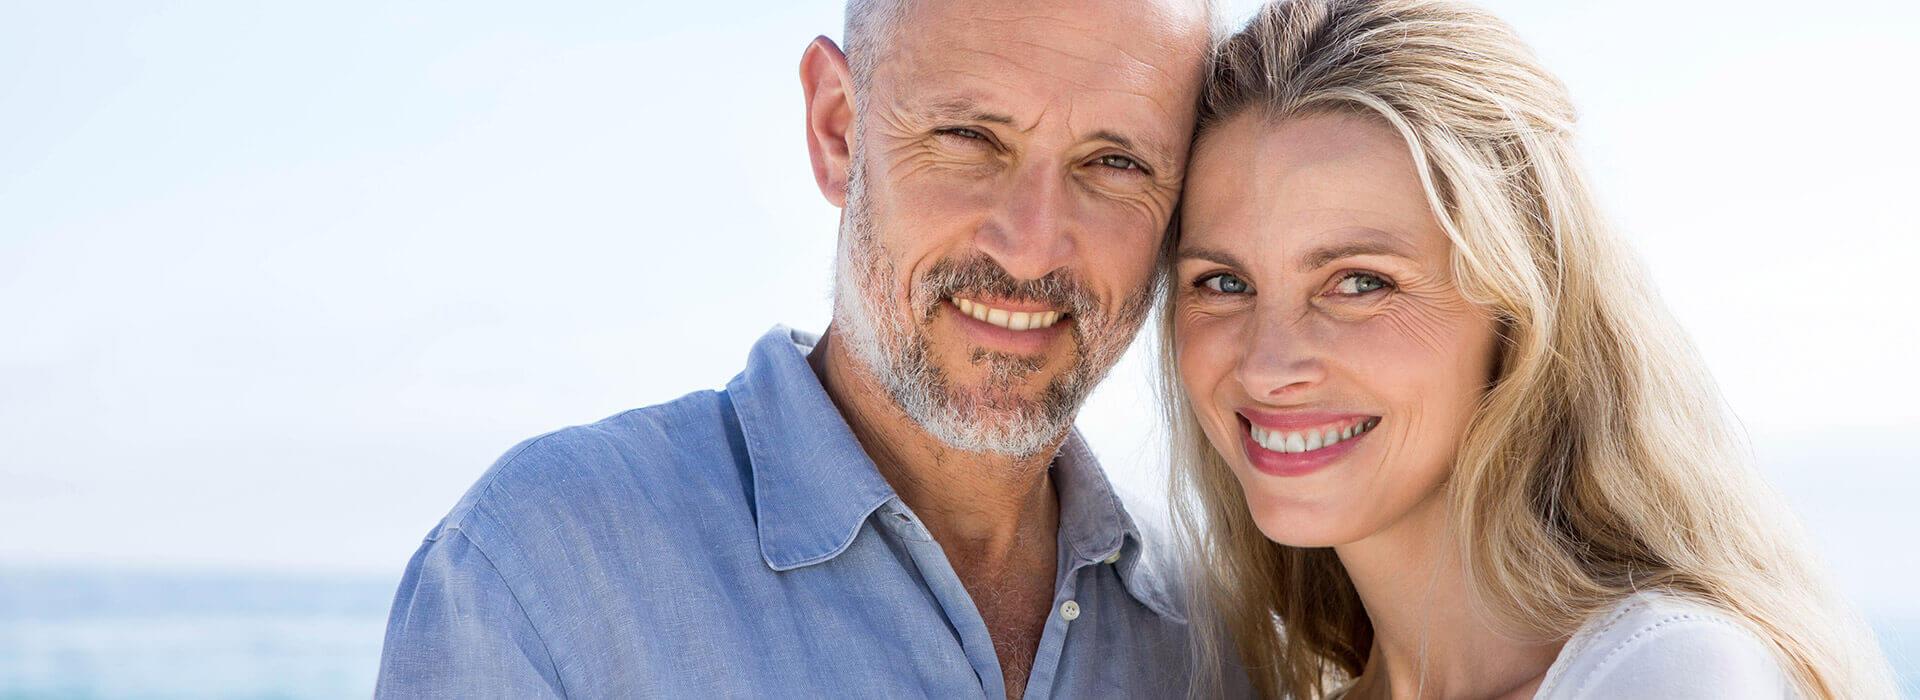 Zufriedenes strahlendes Paar mit professionellen Zahnersatz von ReDentes